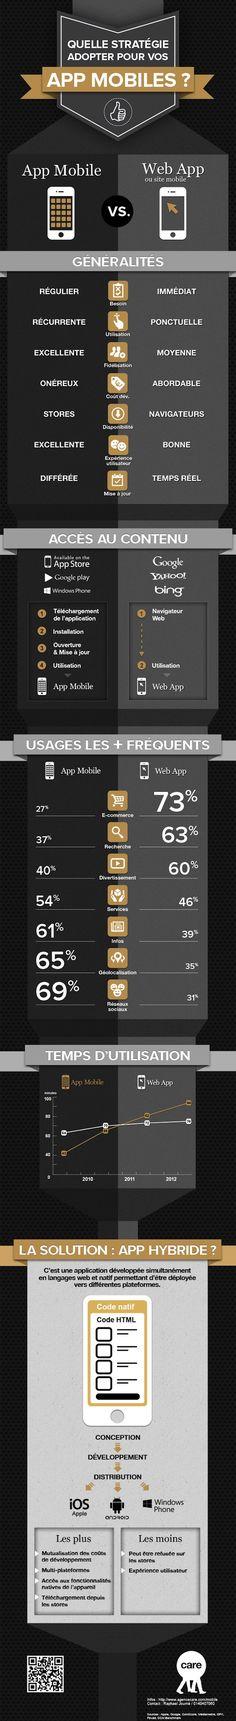 L'app mobile, utilisée en général de façon récurrente, permet une bien meilleure fidélisation et expérience utilisateur que la web app, malgré un coût de développement bien plus élevé.  La web app, permet de son côté un accès au contenu bien plus simple et rapide que pour une app mobile, qu'il faut télécharger, installer et constamment mettre à jour.  #mobile #webapp #app